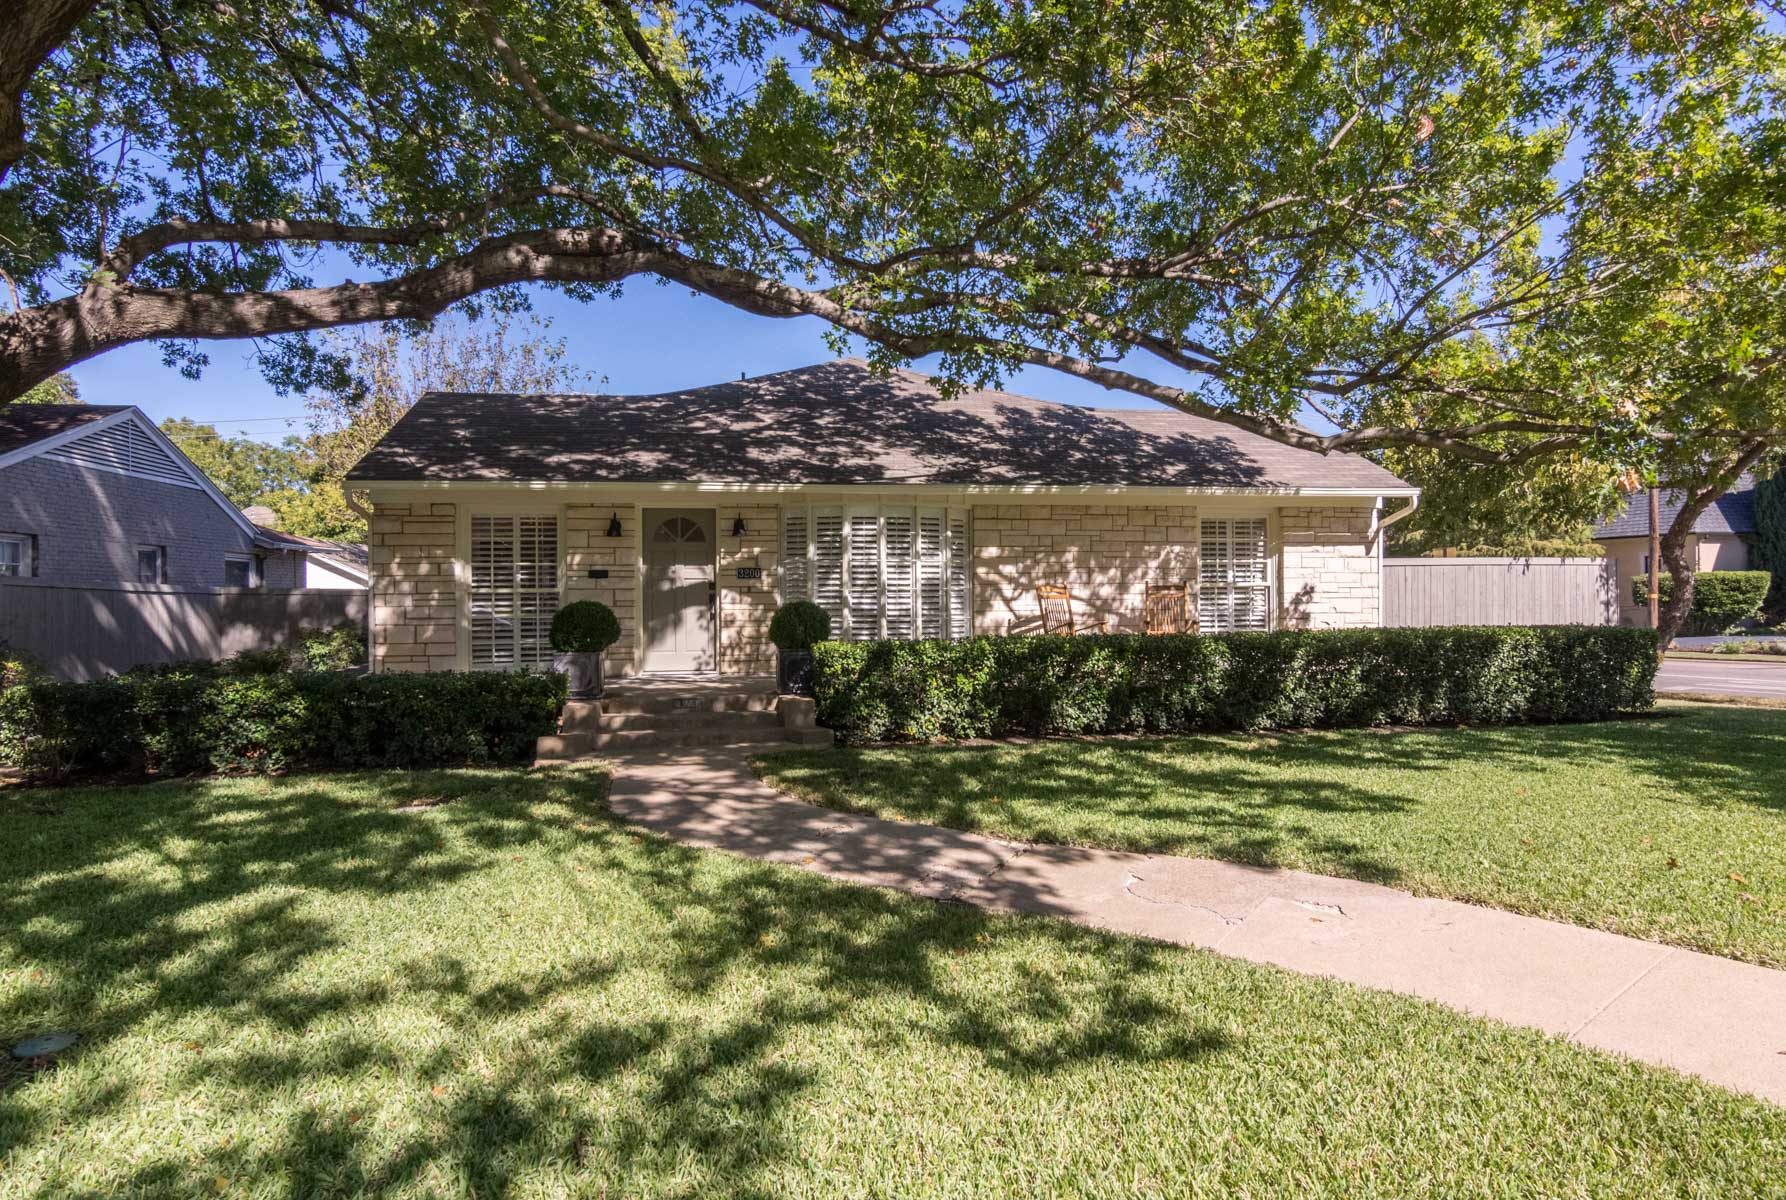 Villa per Vendita alle ore 3200 Lovers Ln, Dallas Dallas, Texas, 75225 Stati Uniti